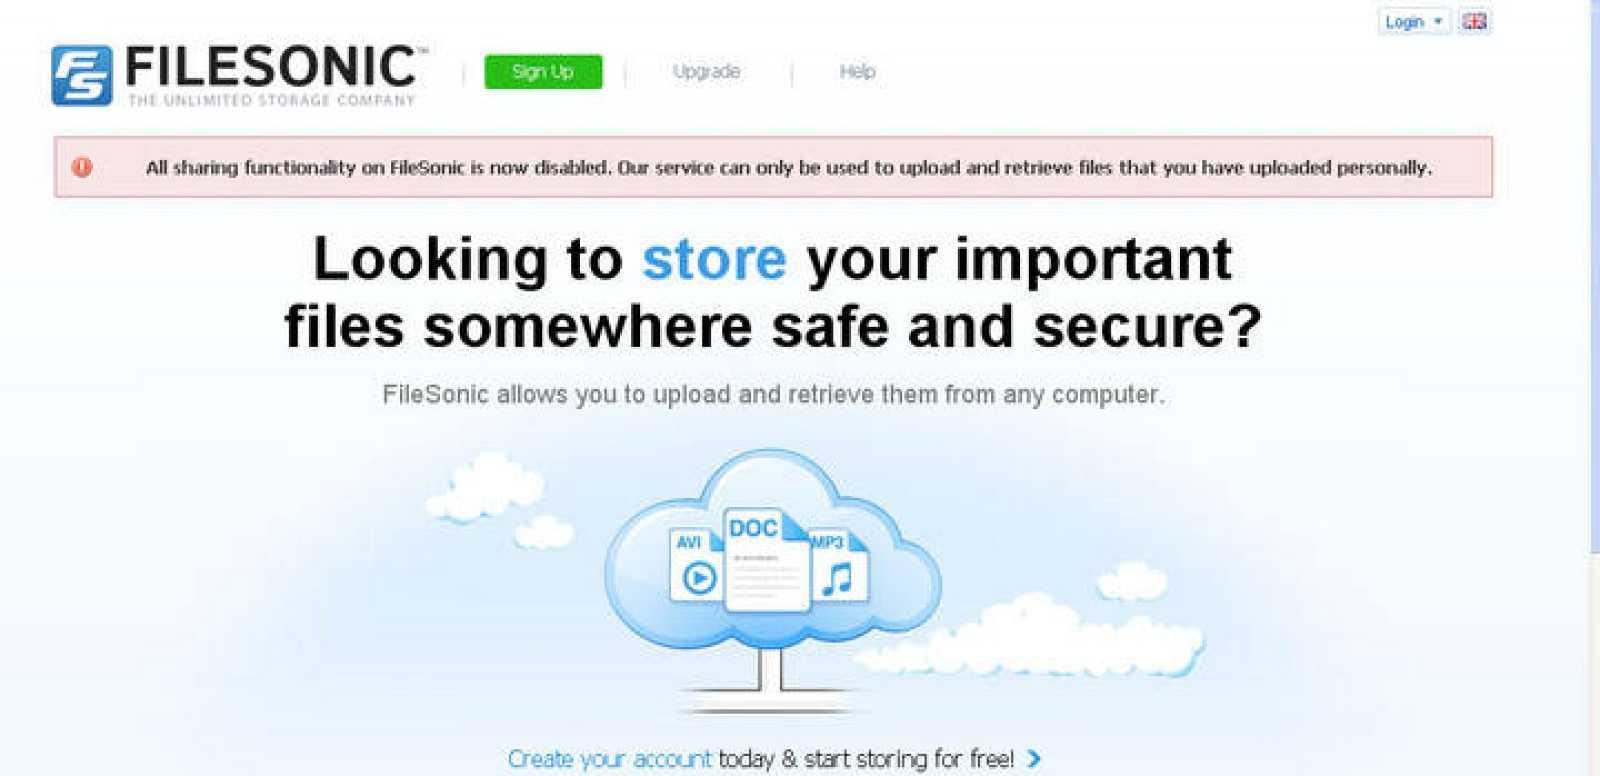 La web Filesonic ha eliminado la opción de compartir archivos